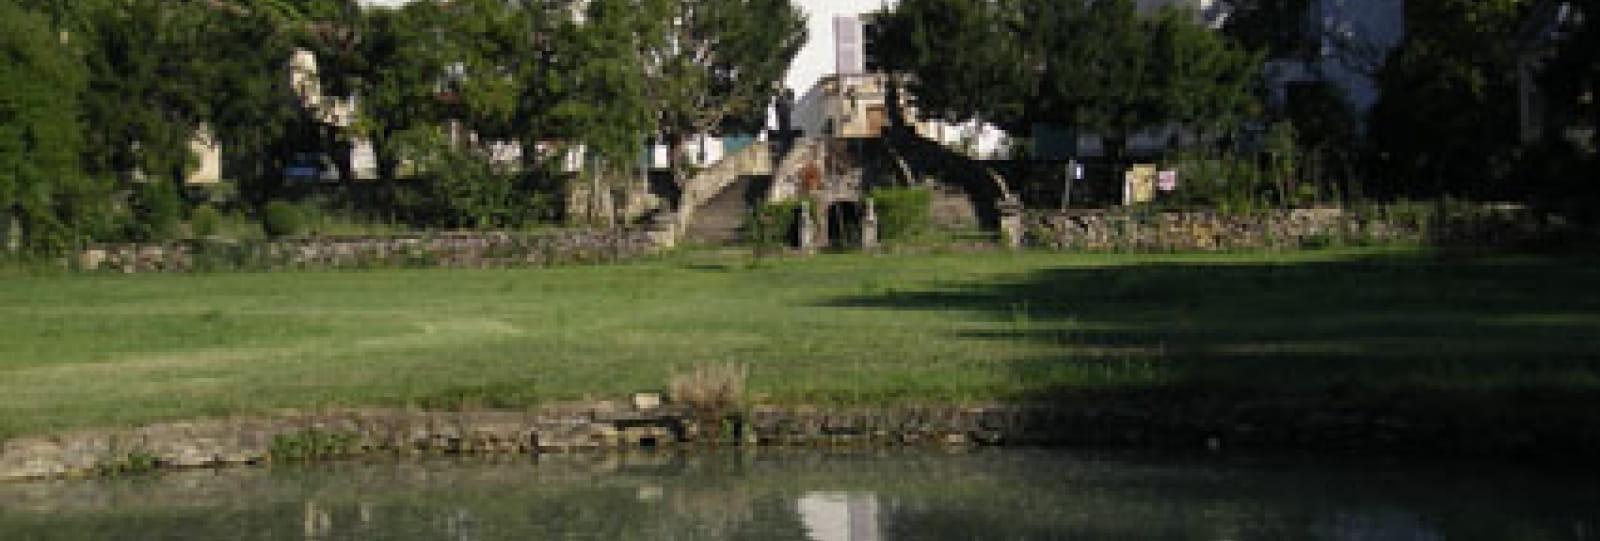 Chambres d'hôtes Chateau de Peyrins